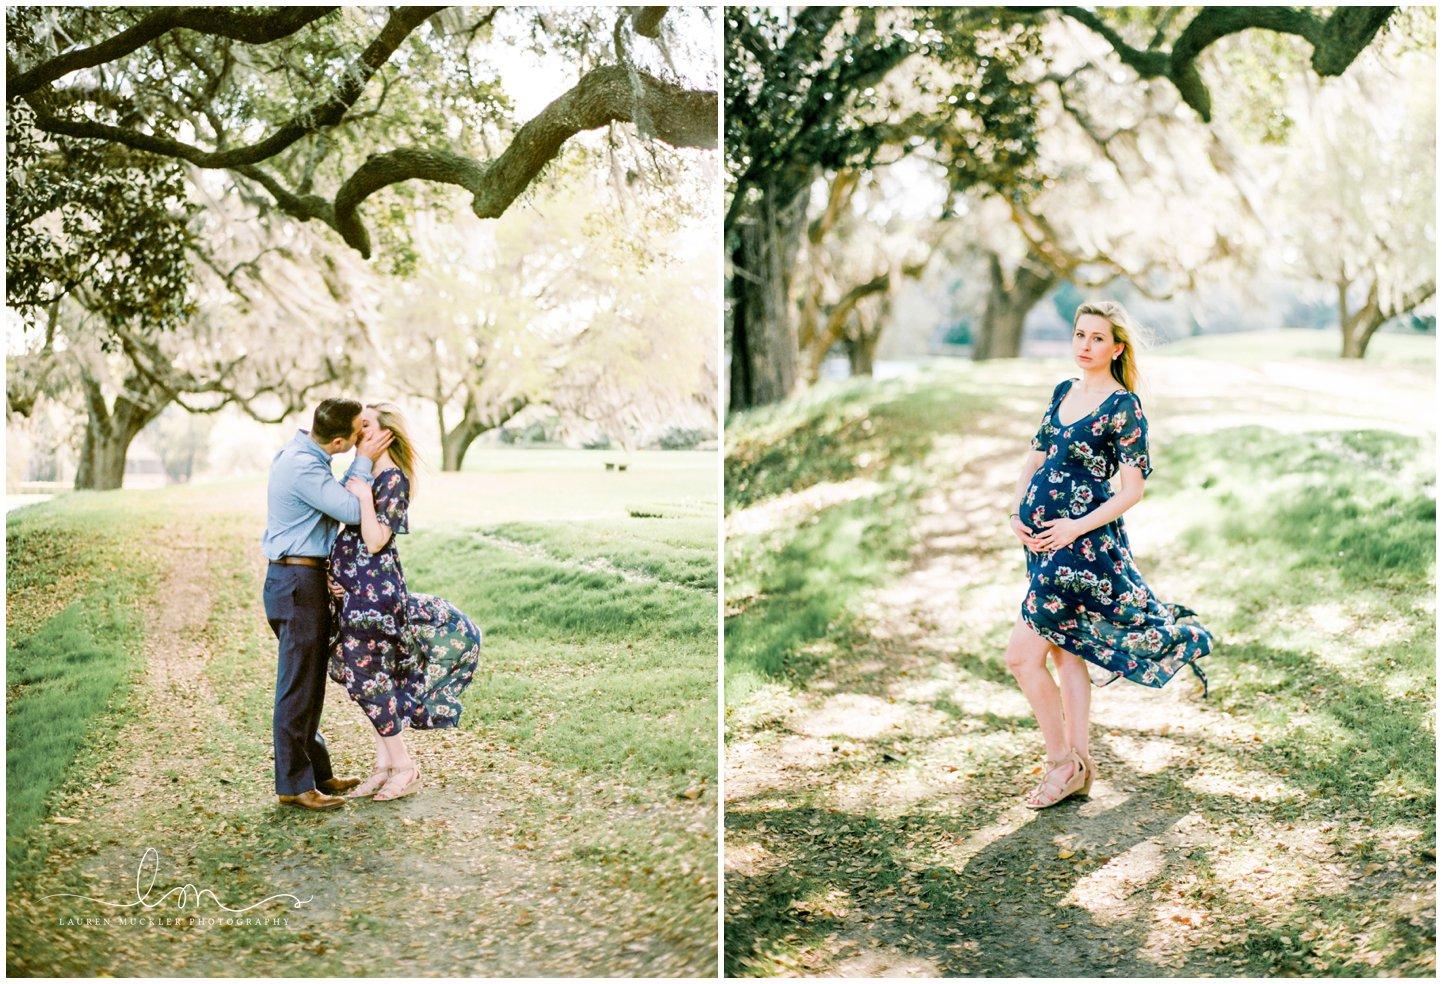 st louis photography_maternity_lauren muckler photography_film_st louis film photographer_0017.jpg